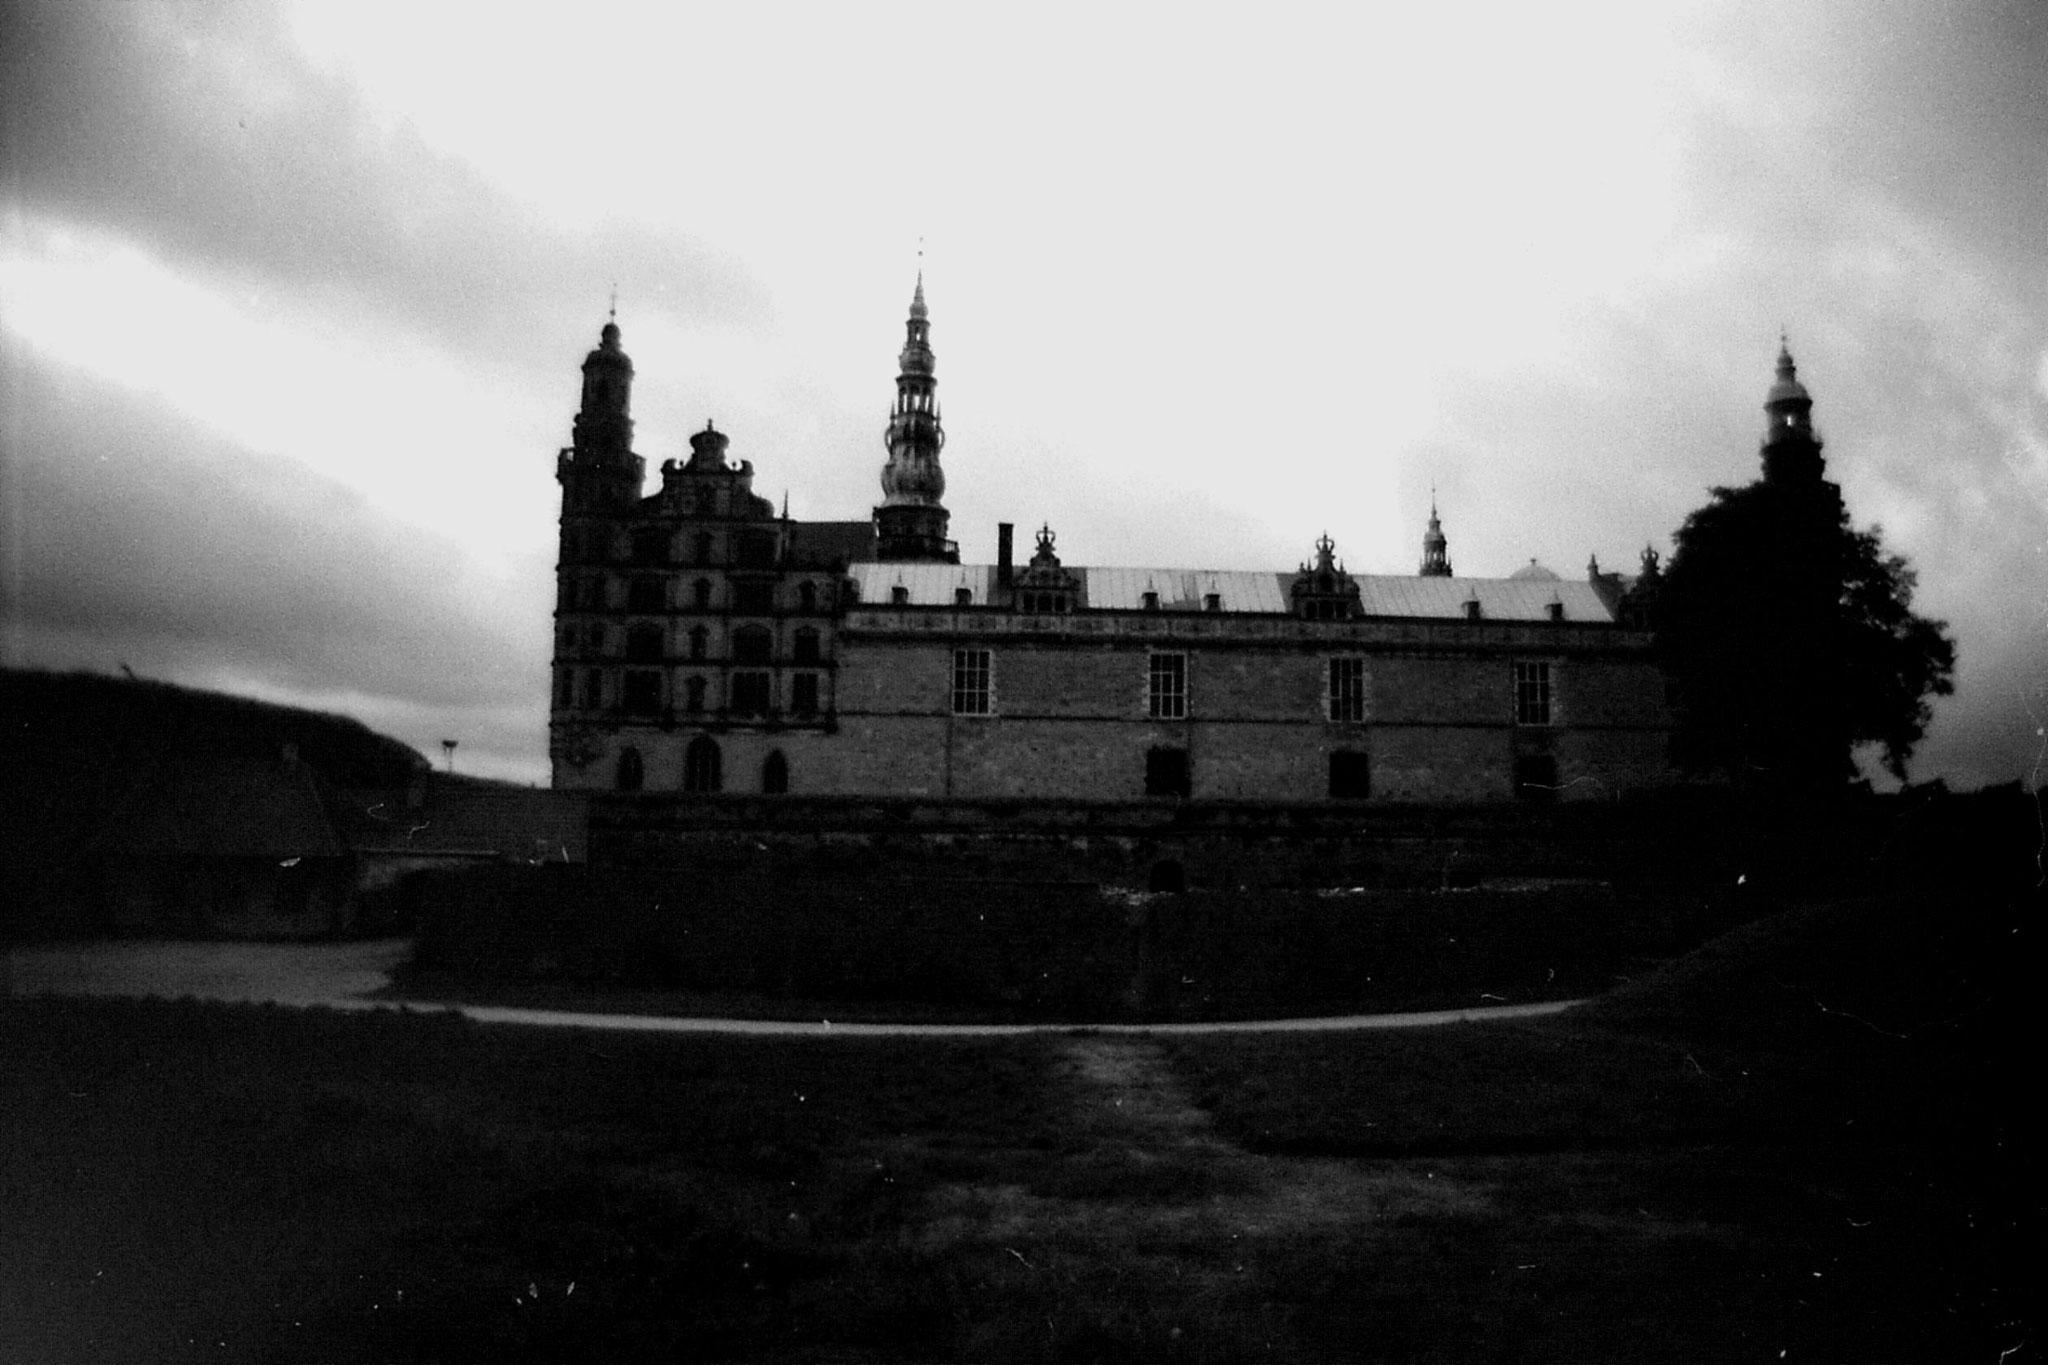 19/9/1988: 20: DENMARK: Helsingor Kronburg Castle